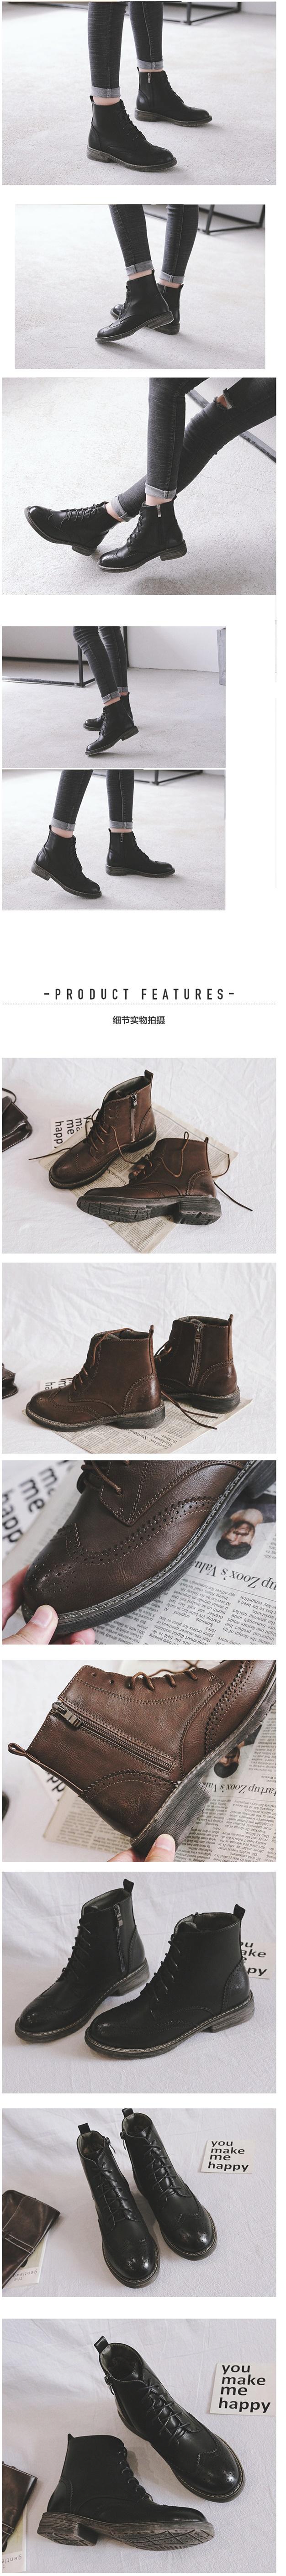 รองเท้า Martin boots มีซิปข้าง